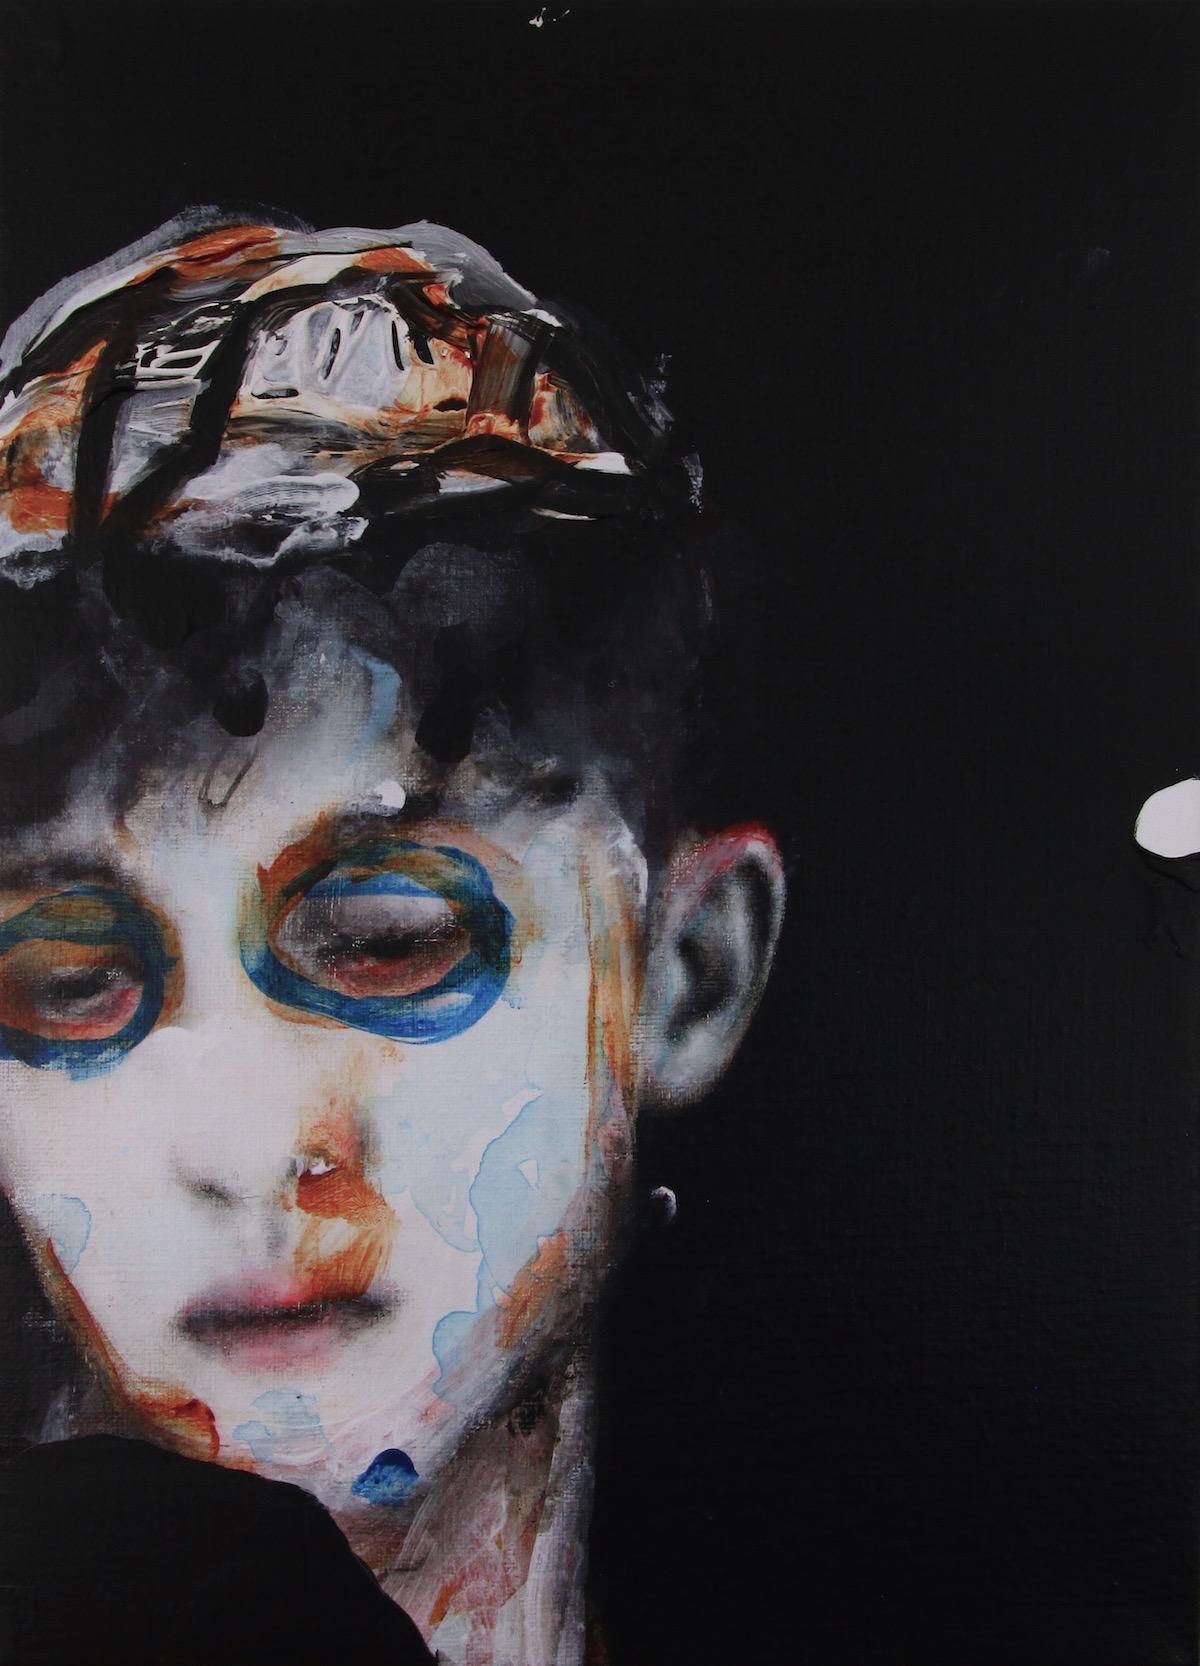 antoine cordet canvas toile peinture painting portrait art artist artiste peintre acrylic oil plastic remedy